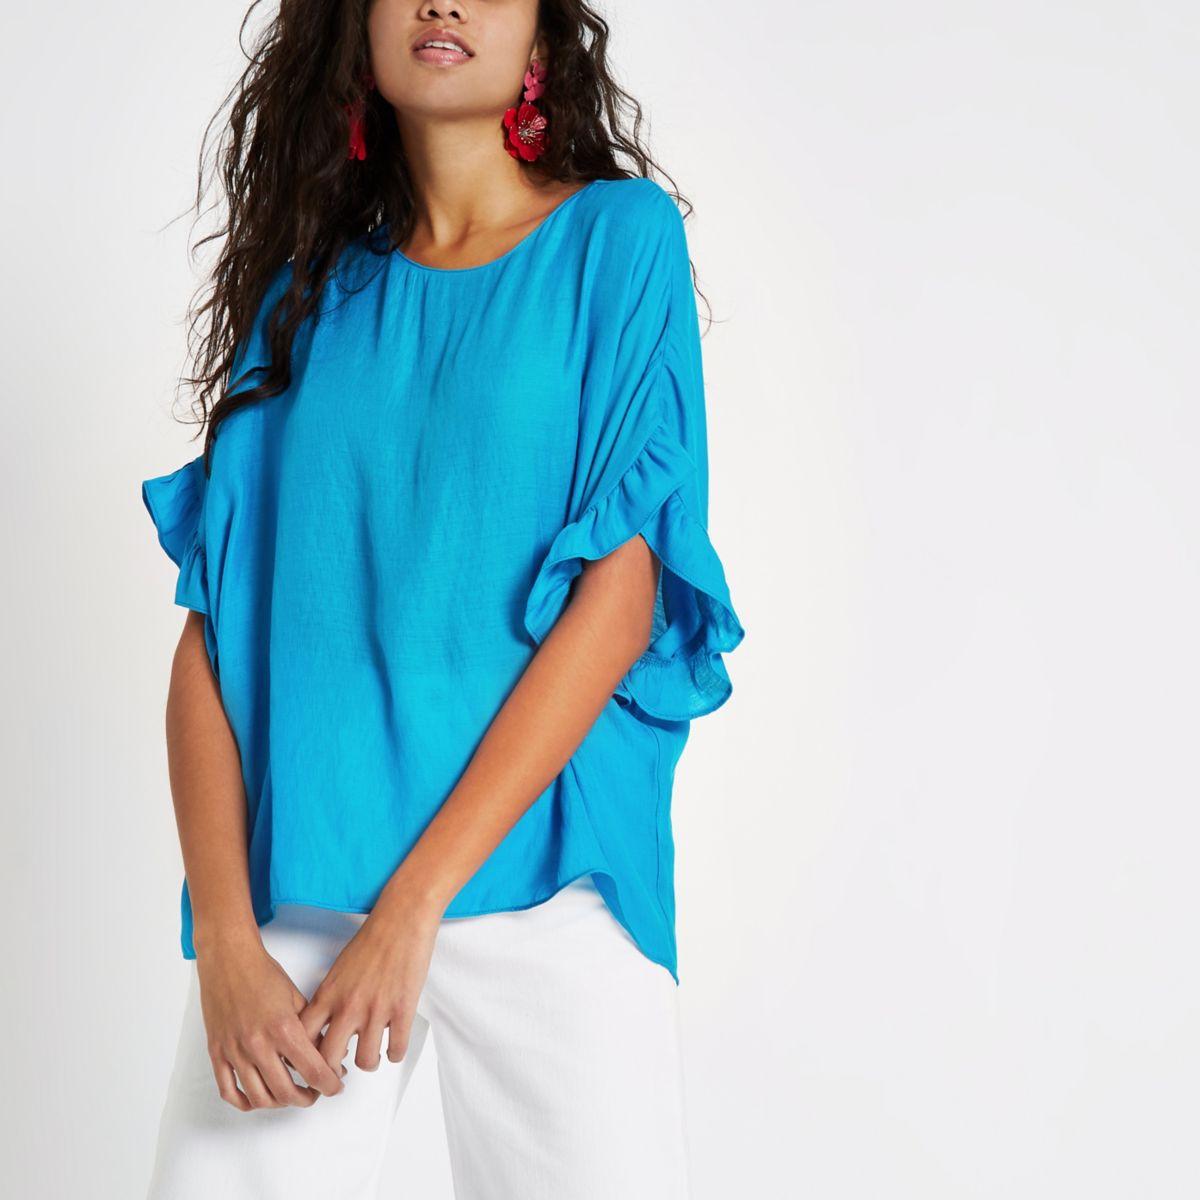 Helderblauw T-shirt met ruches aan de mouwen